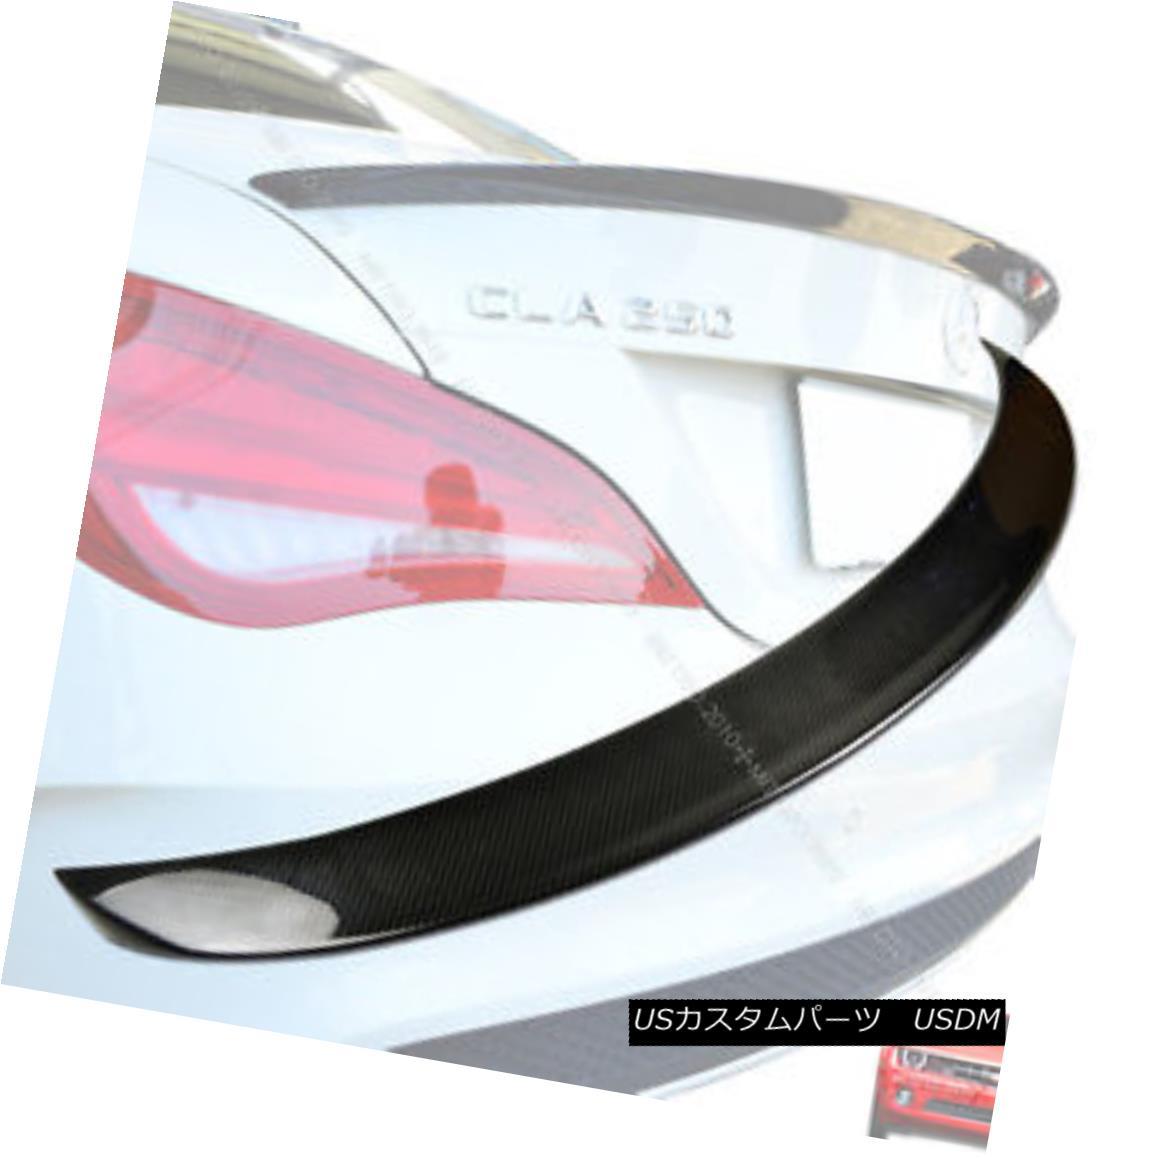 エアロパーツ ++Carbon Fiber Mercedes BENZ C117 W117 CLA180 CLA200 BIG Trunk Spoiler § ++炭素繊維メルセデスベンツC117 W117 CLA180 CLA200ビッグトランクスポイラー